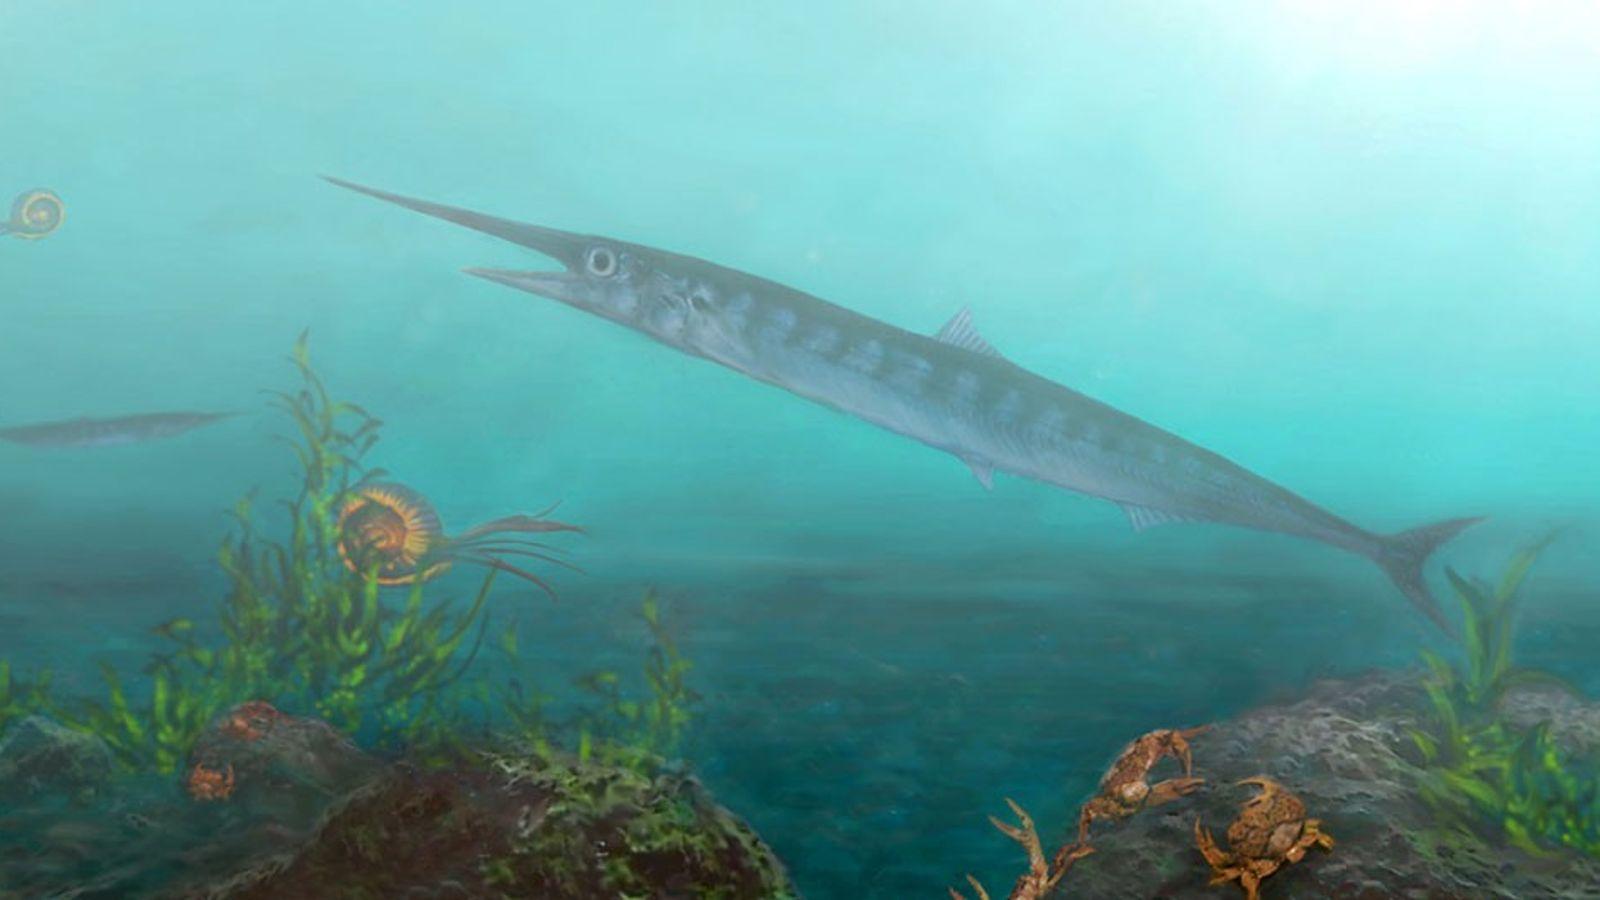 Reconstitution artistique du fossile dans son environnement naturel, entouré d'autres créatures comme les ammonites.